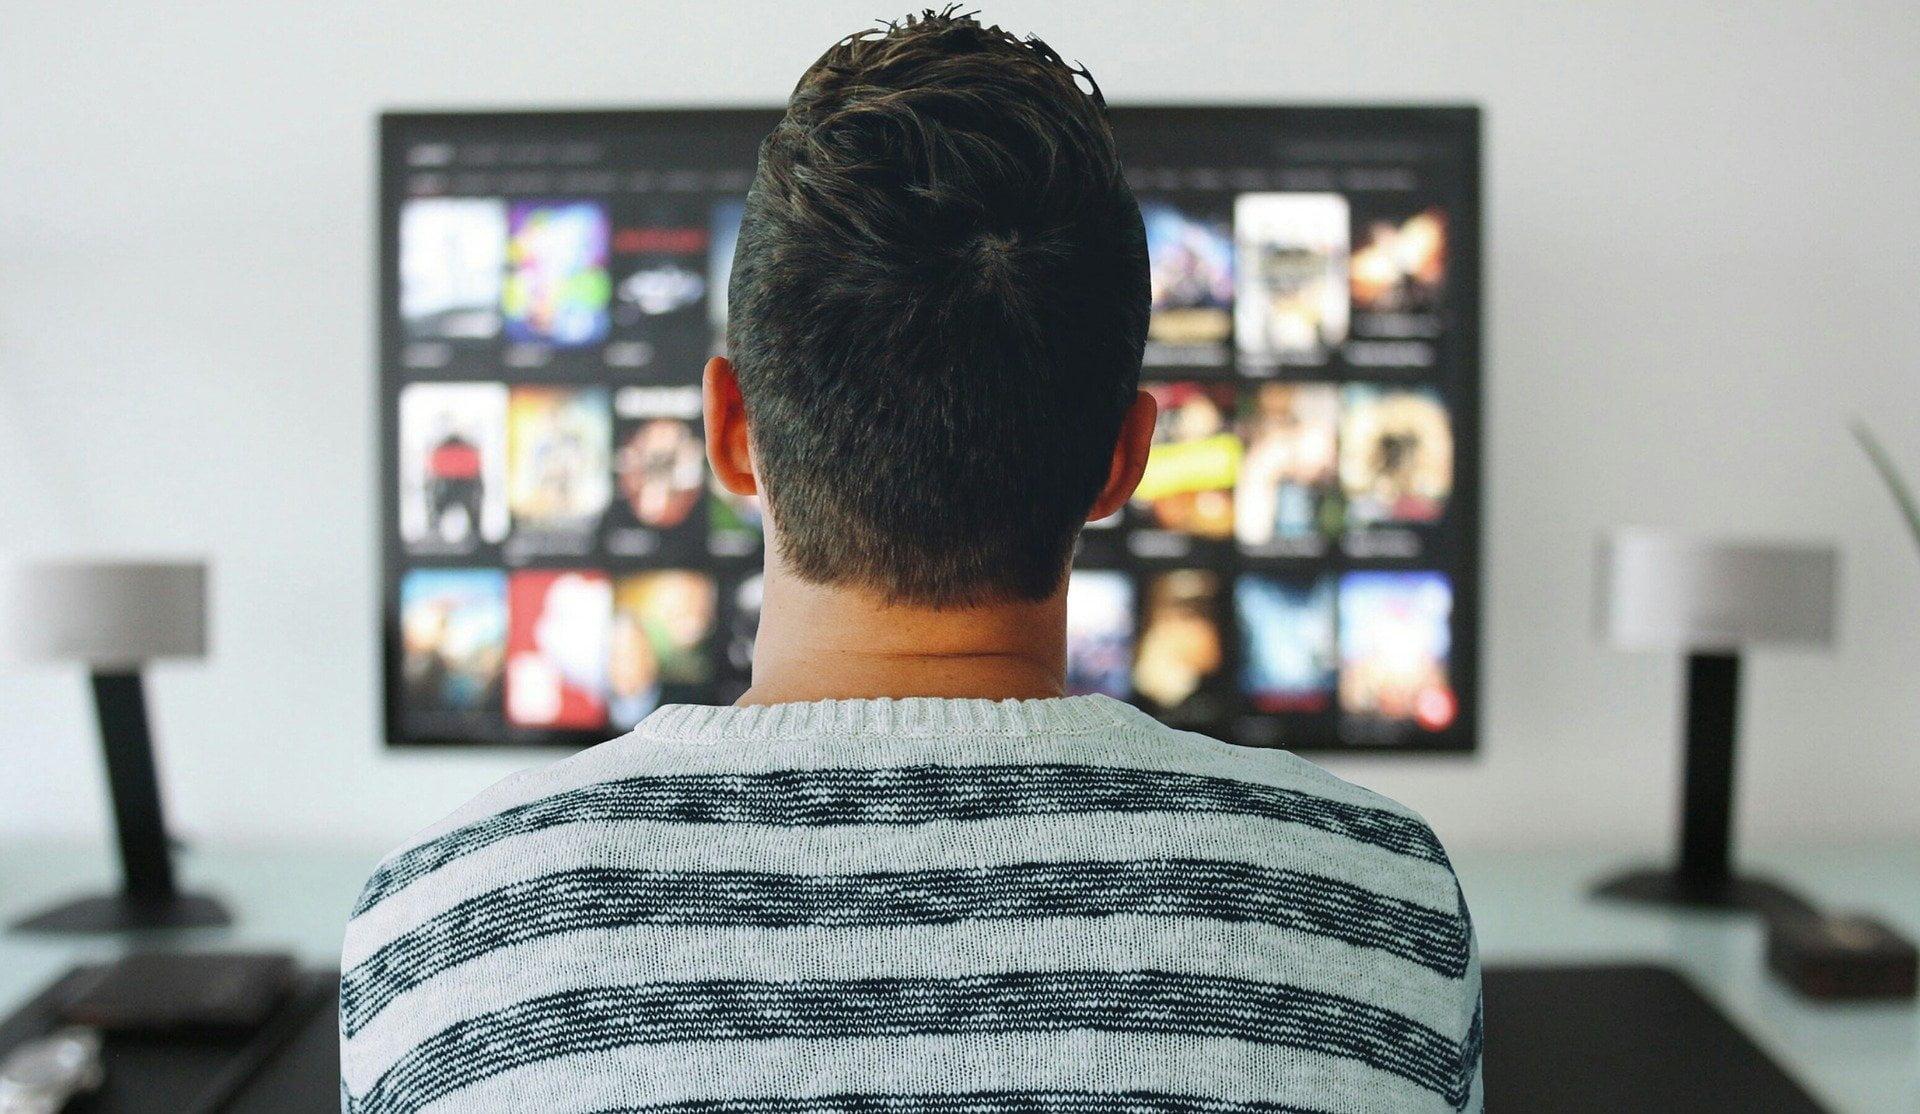 CES Las Vegas 2020, dominat de televizoare